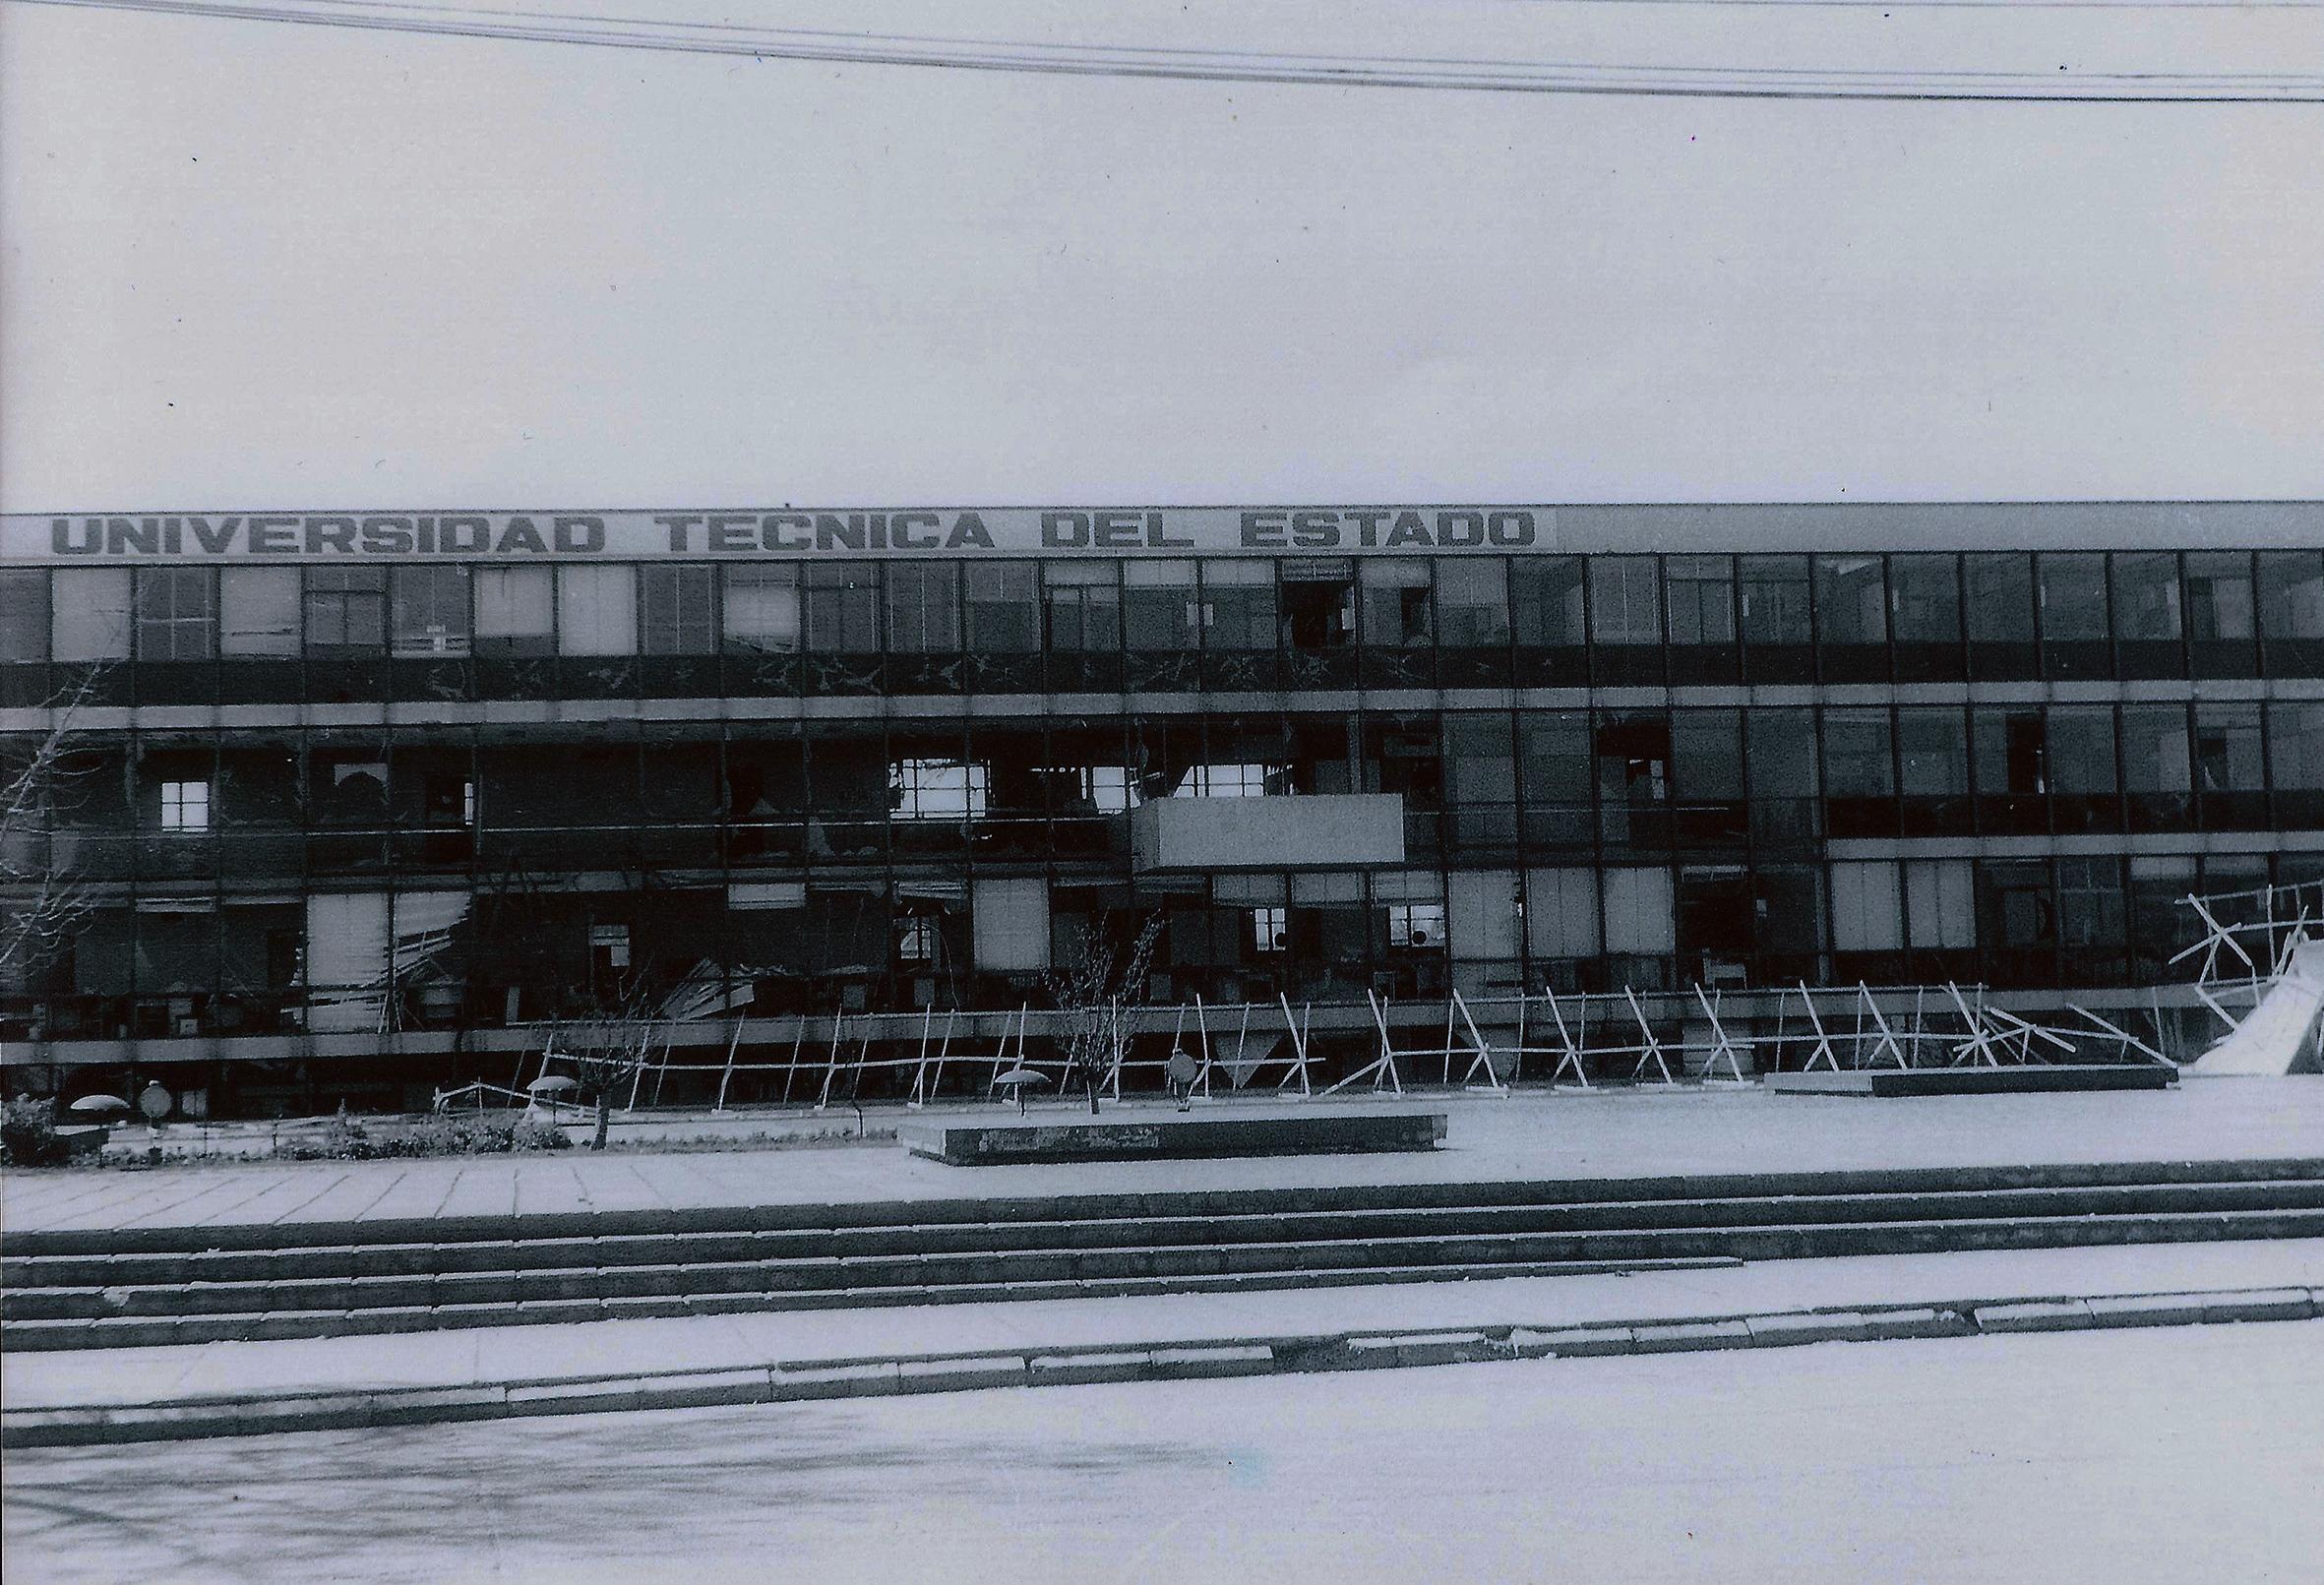 Enterreno - Fotos históricas de chile - fotos antiguas de Chile - Universidad Técnica del Estado en 1973